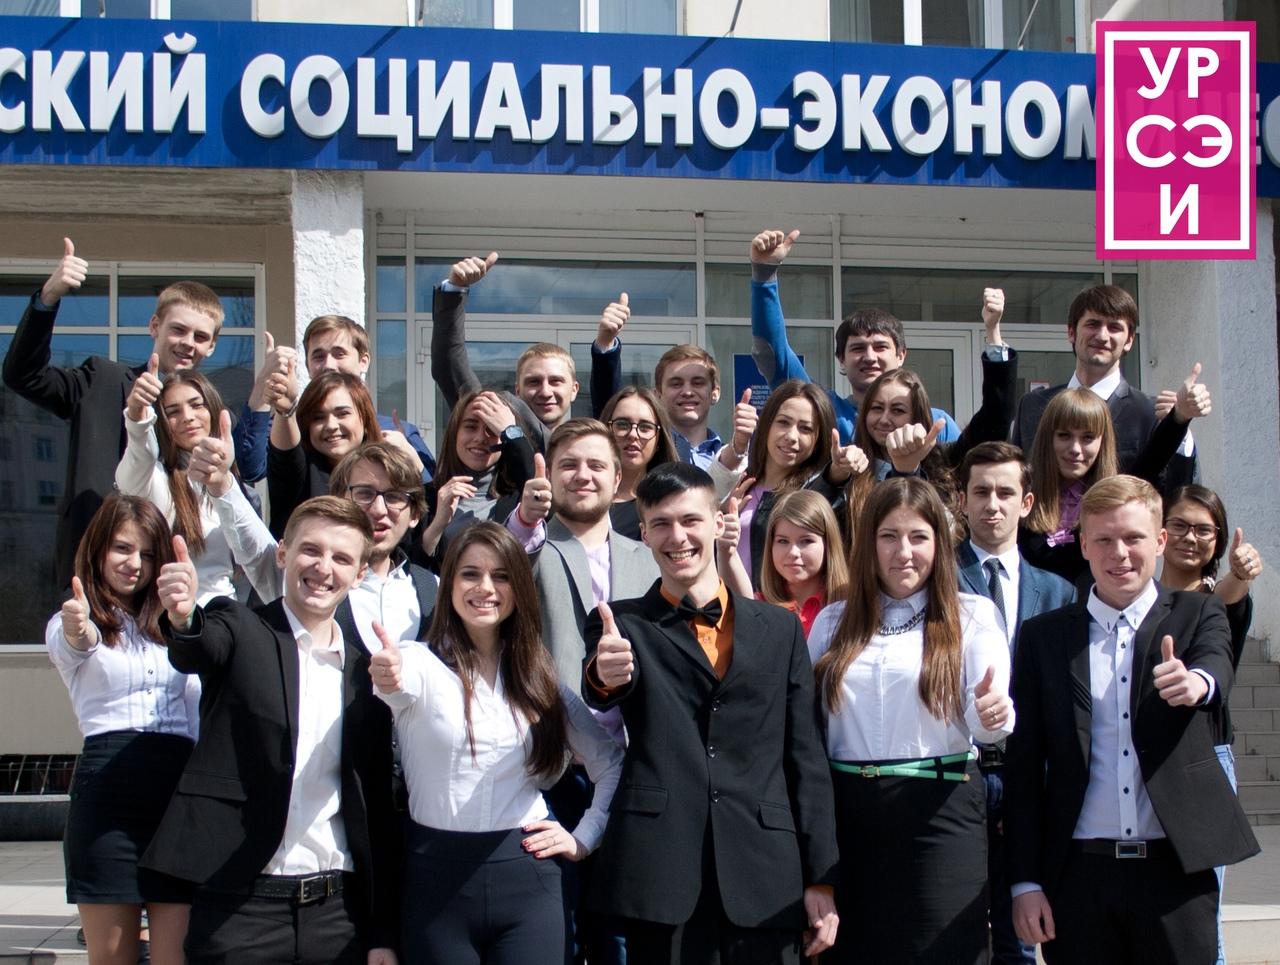 Уральский социально-экономический институт подготовил для абитуриент